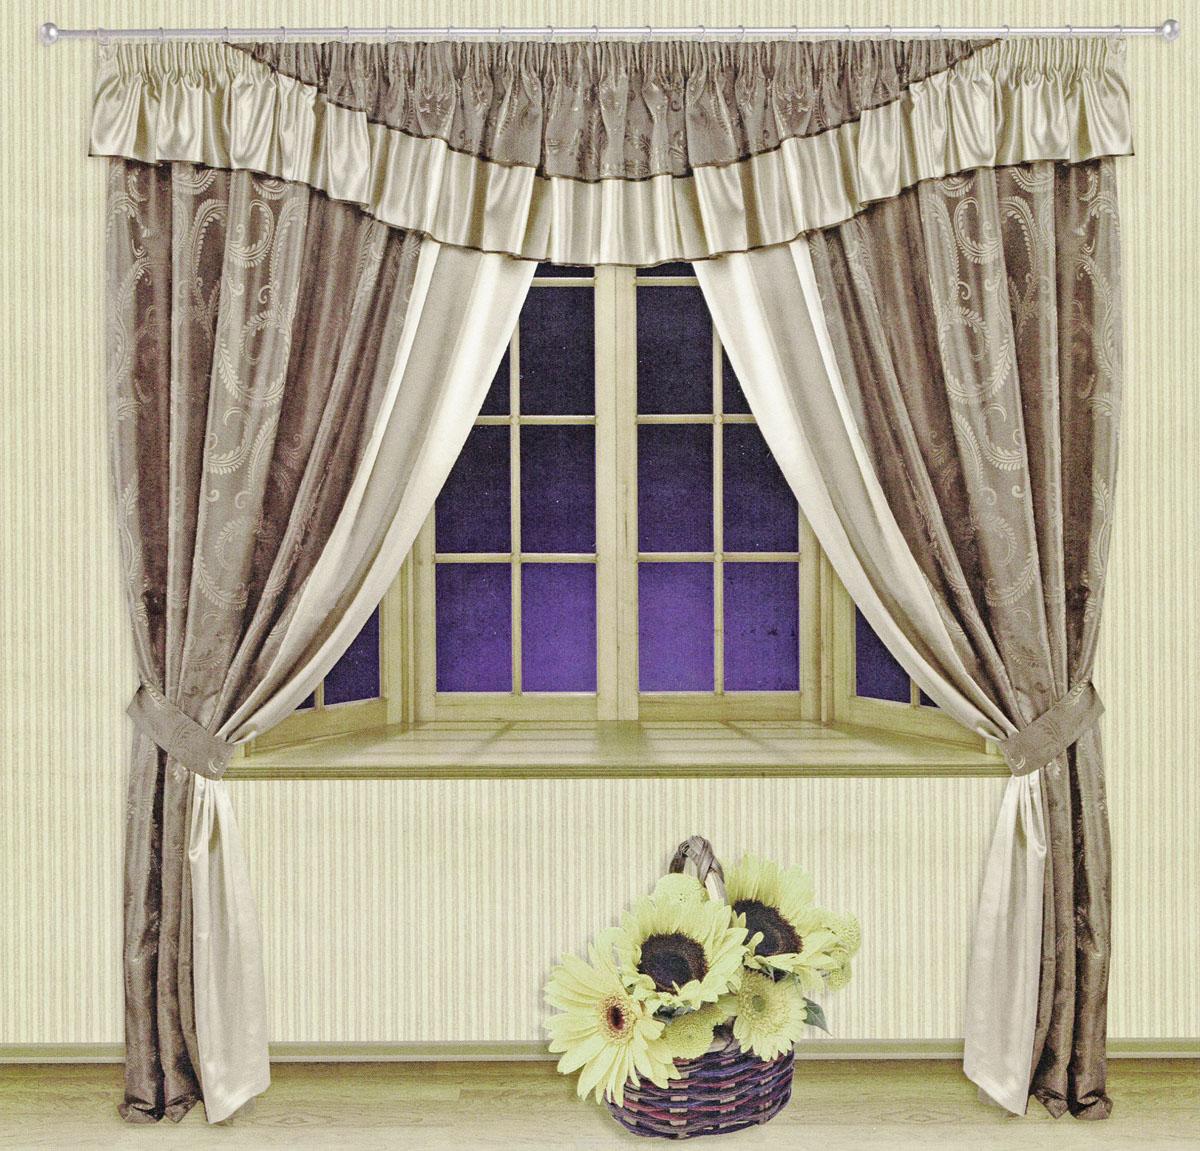 Комплект штор Zlata Korunka, на ленте, цвет: бежевый, серый, высота 250 см. 55509SVC-300Роскошный комплект штор Zlata Korunka, выполненный из ткани шанзализе и сатина (100% полиэстера), великолепно украсит любое окно. Комплект состоит из двух портьер, ламбрекена и двух подхватов. Плотная ткань, оригинальный орнамент и приятная, приглушенная гамма привлекут к себе внимание и органично впишутся в интерьер помещения. Комплект крепится на карниз при помощи шторной ленты, которая поможет красиво и равномерно задрапировать верх. Портьеры можно зафиксировать в одном положении с помощью двух подхватов. Этот комплект будет долгое время радовать вас и вашу семью! В комплект входит: Портьера: 2 шт. Размер (ШхВ): 210 см х 250 см. Ламбрекен: 1 шт. Размер (ШхВ): 450 см х 50 см.Подхват: 2 шт. Размер (ШхВ): 60 см х 10 см.